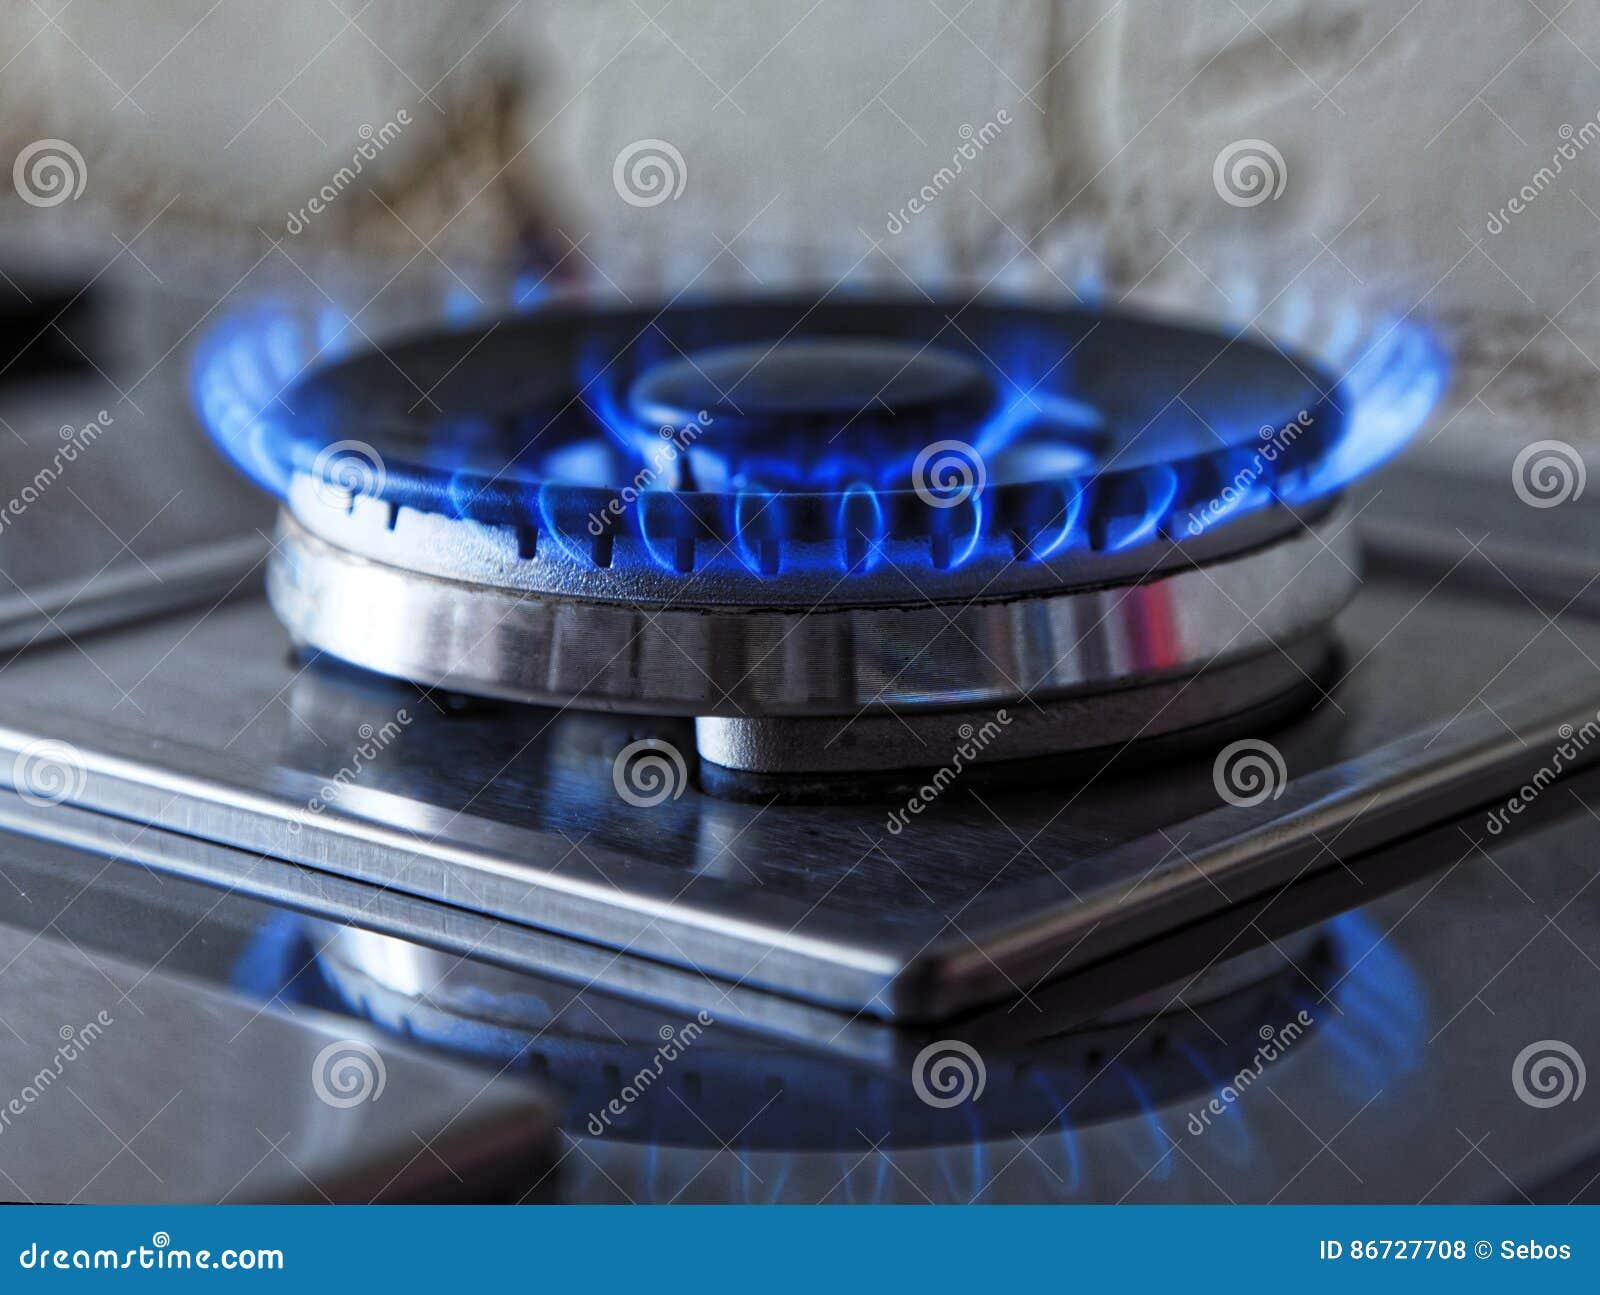 Flammen des blauen Gases Schließen Sie herauf brennenden Feuerring von einem Küchengasherd Abgetöntes Foto